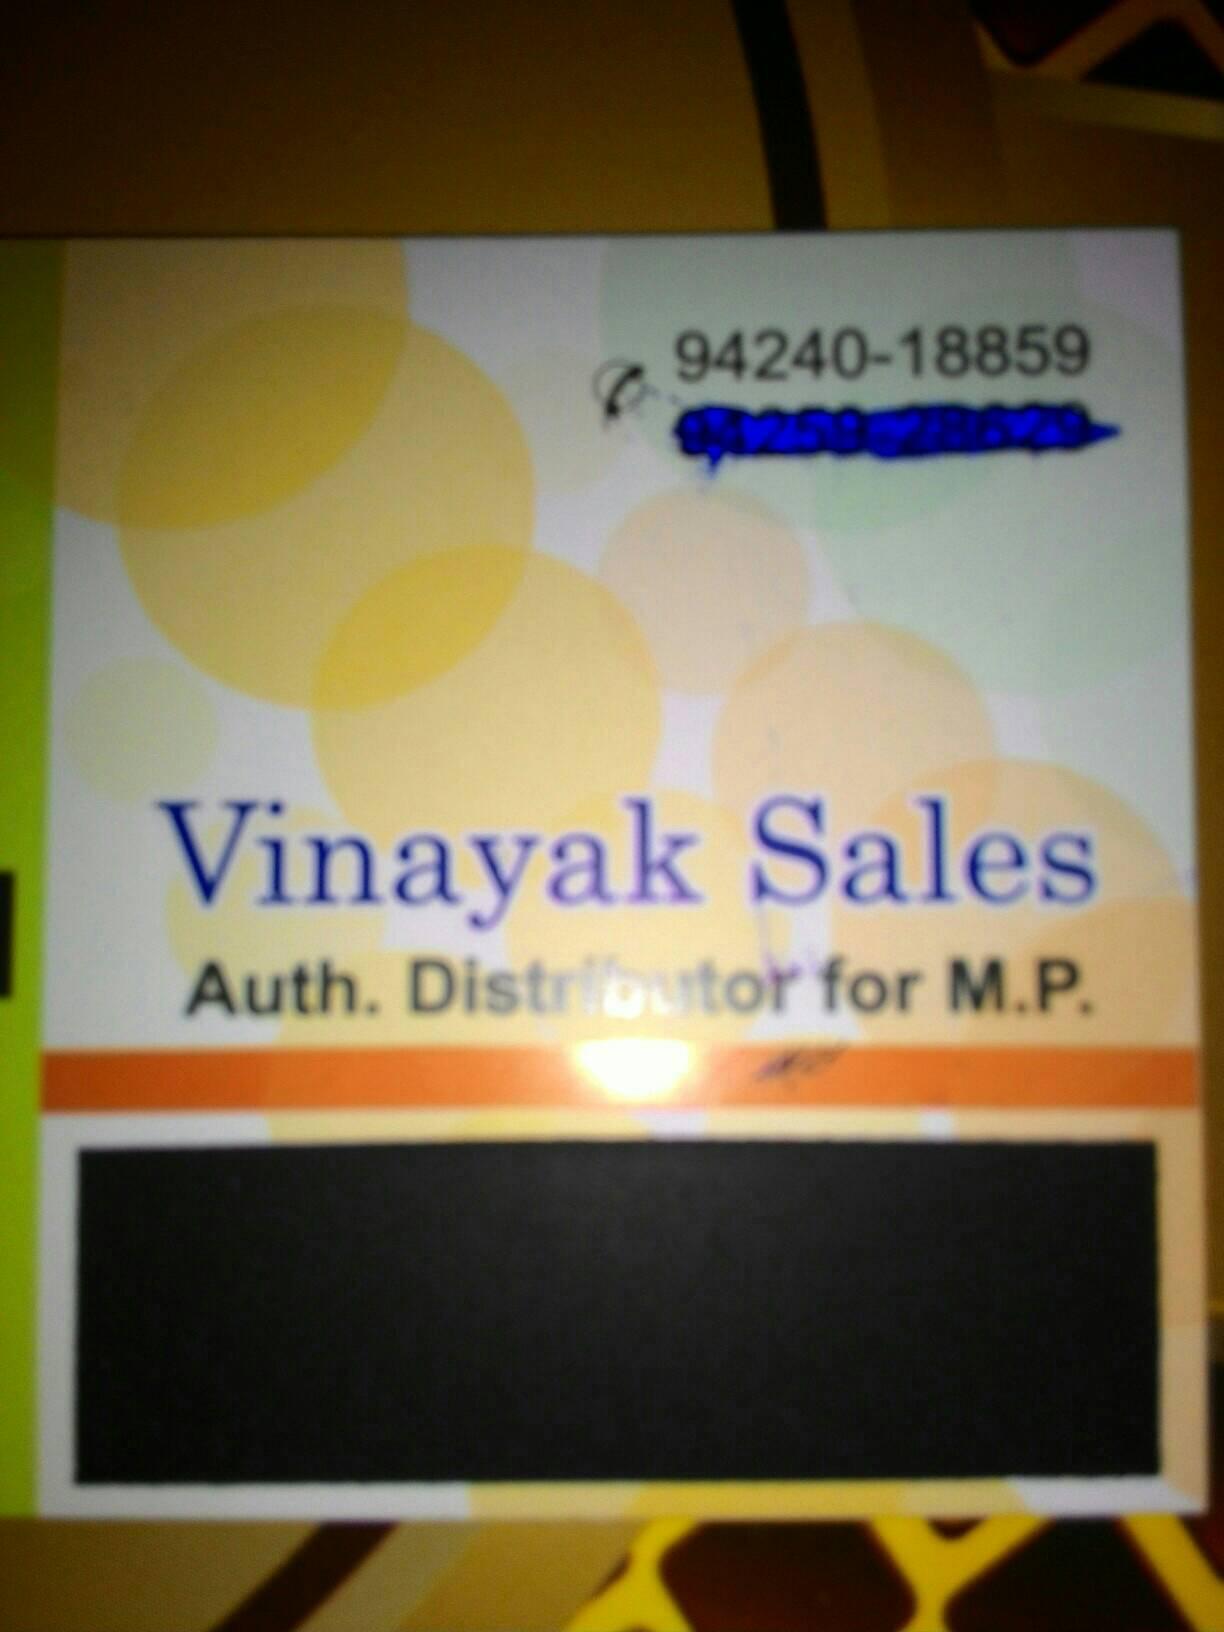 Vinayak Sales